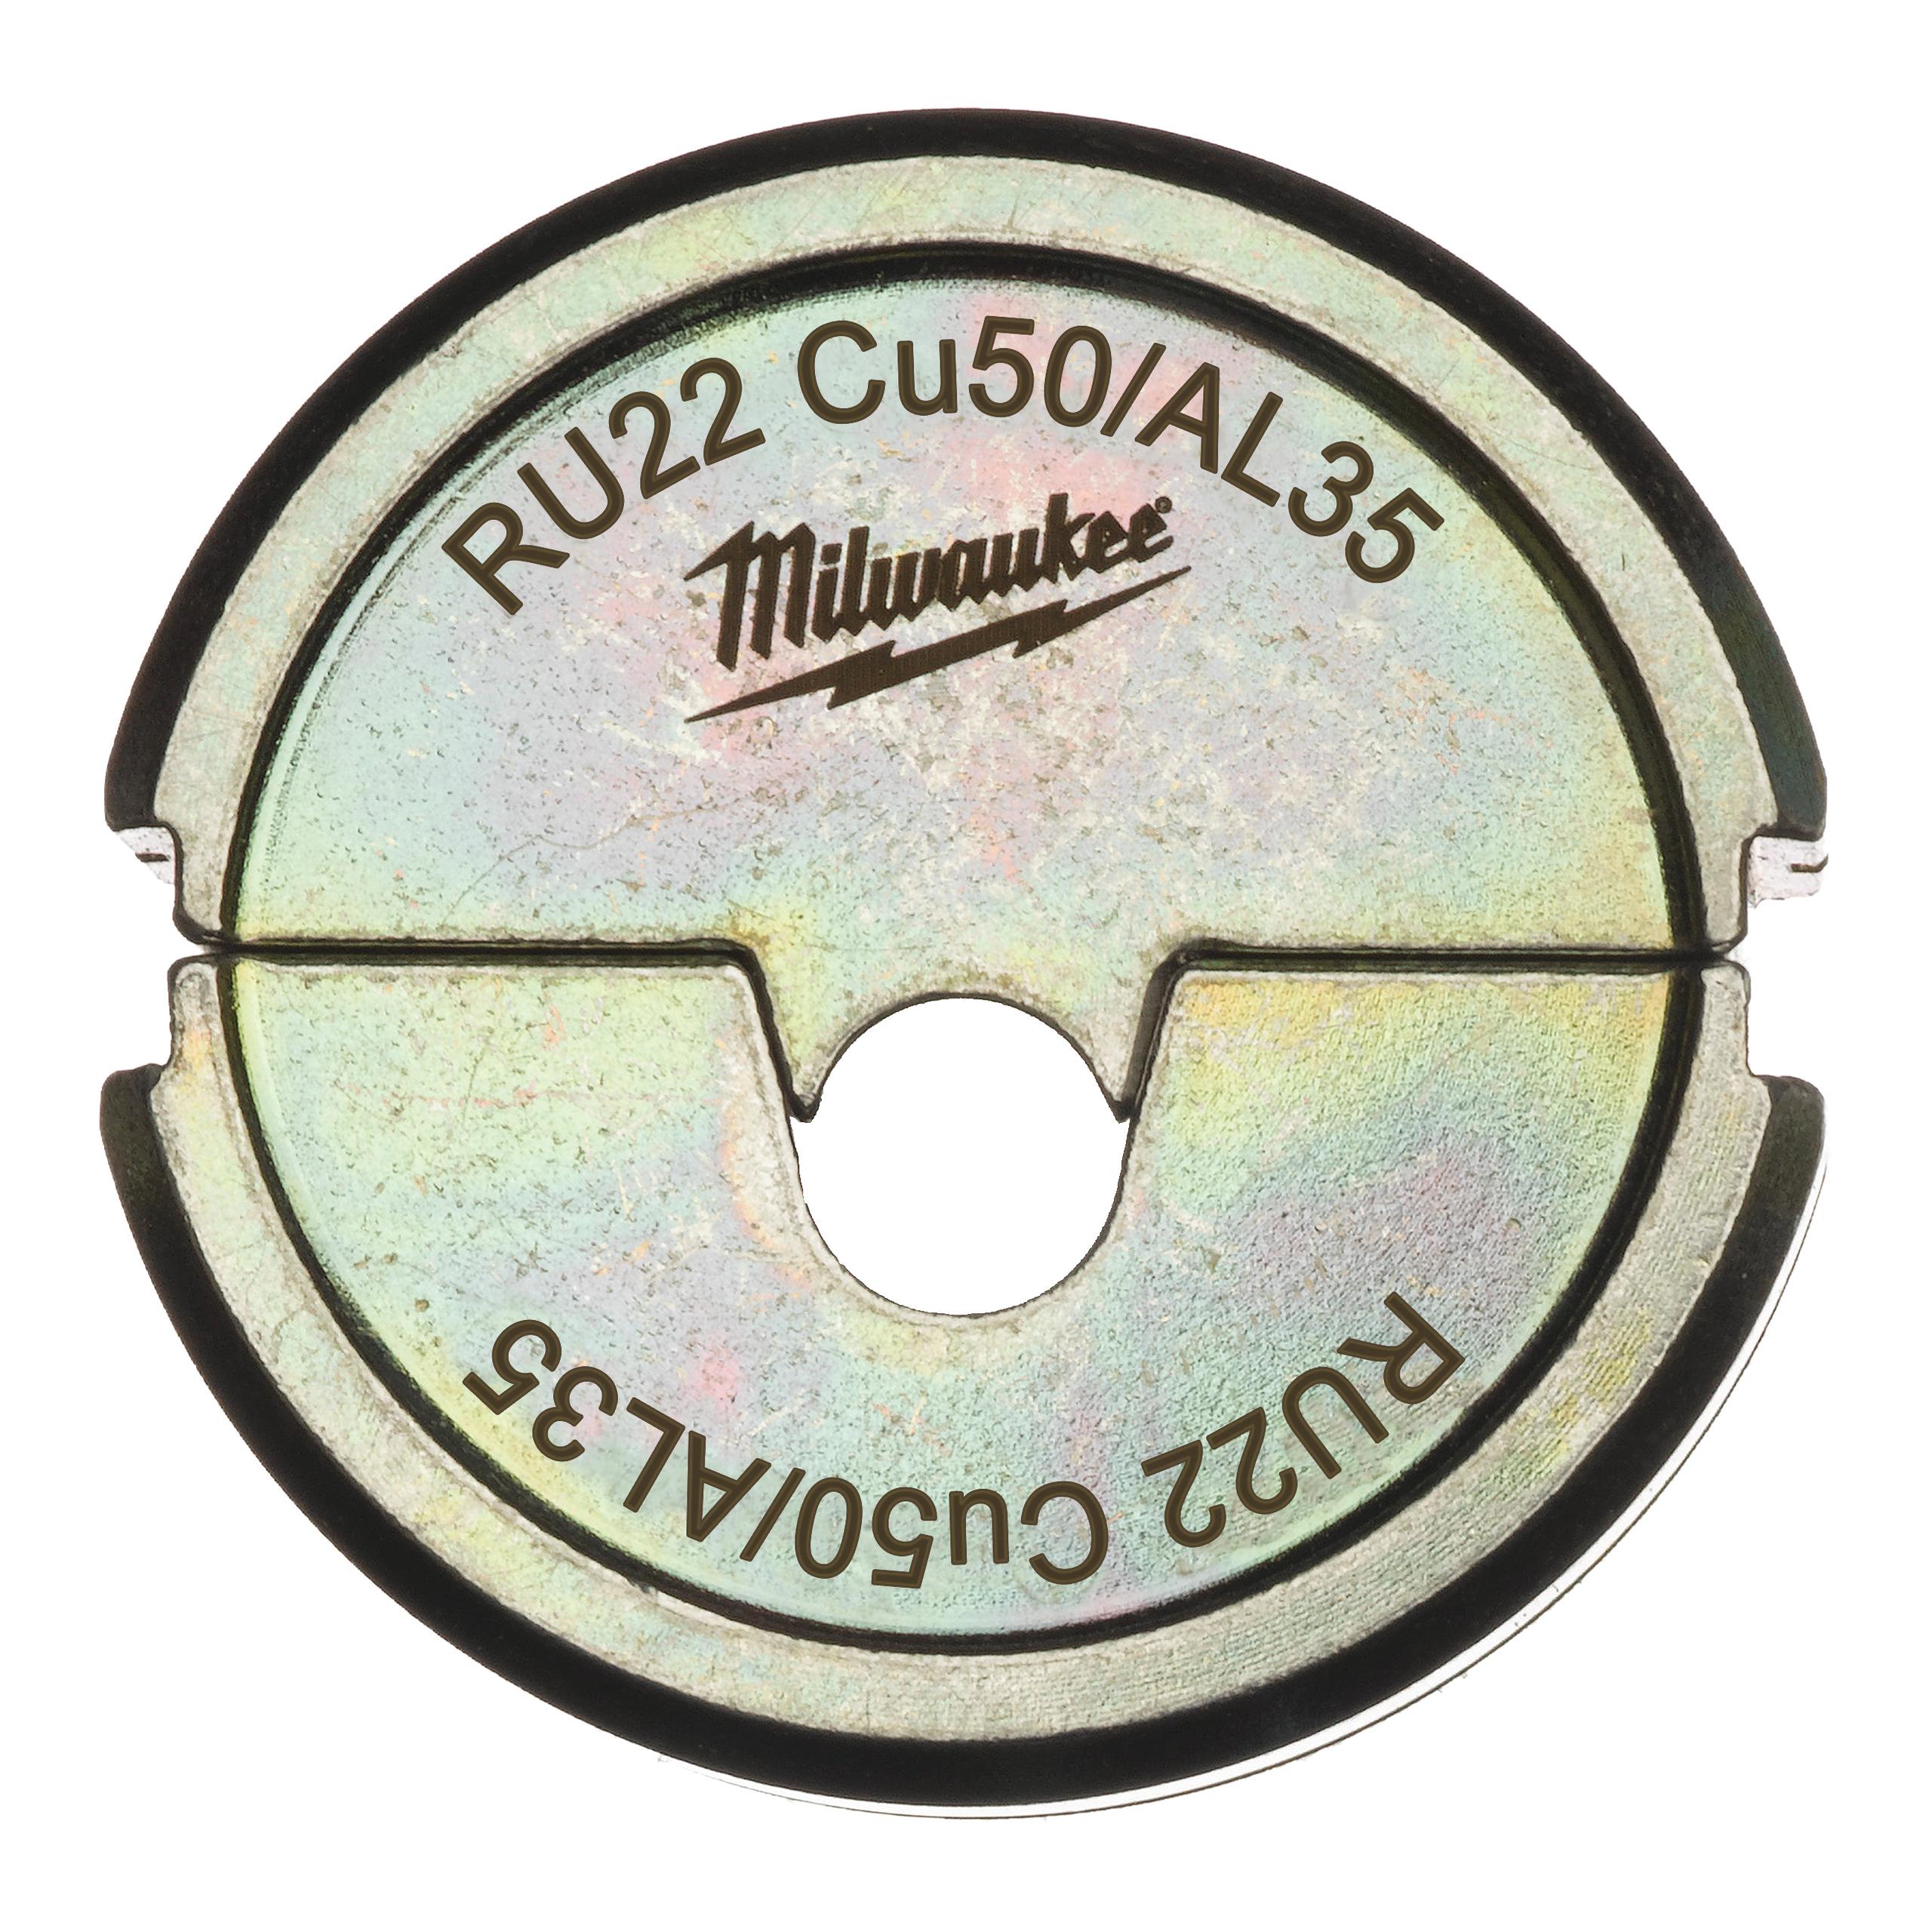 Krimpovací čelisti  RU22 Cu50/AL35